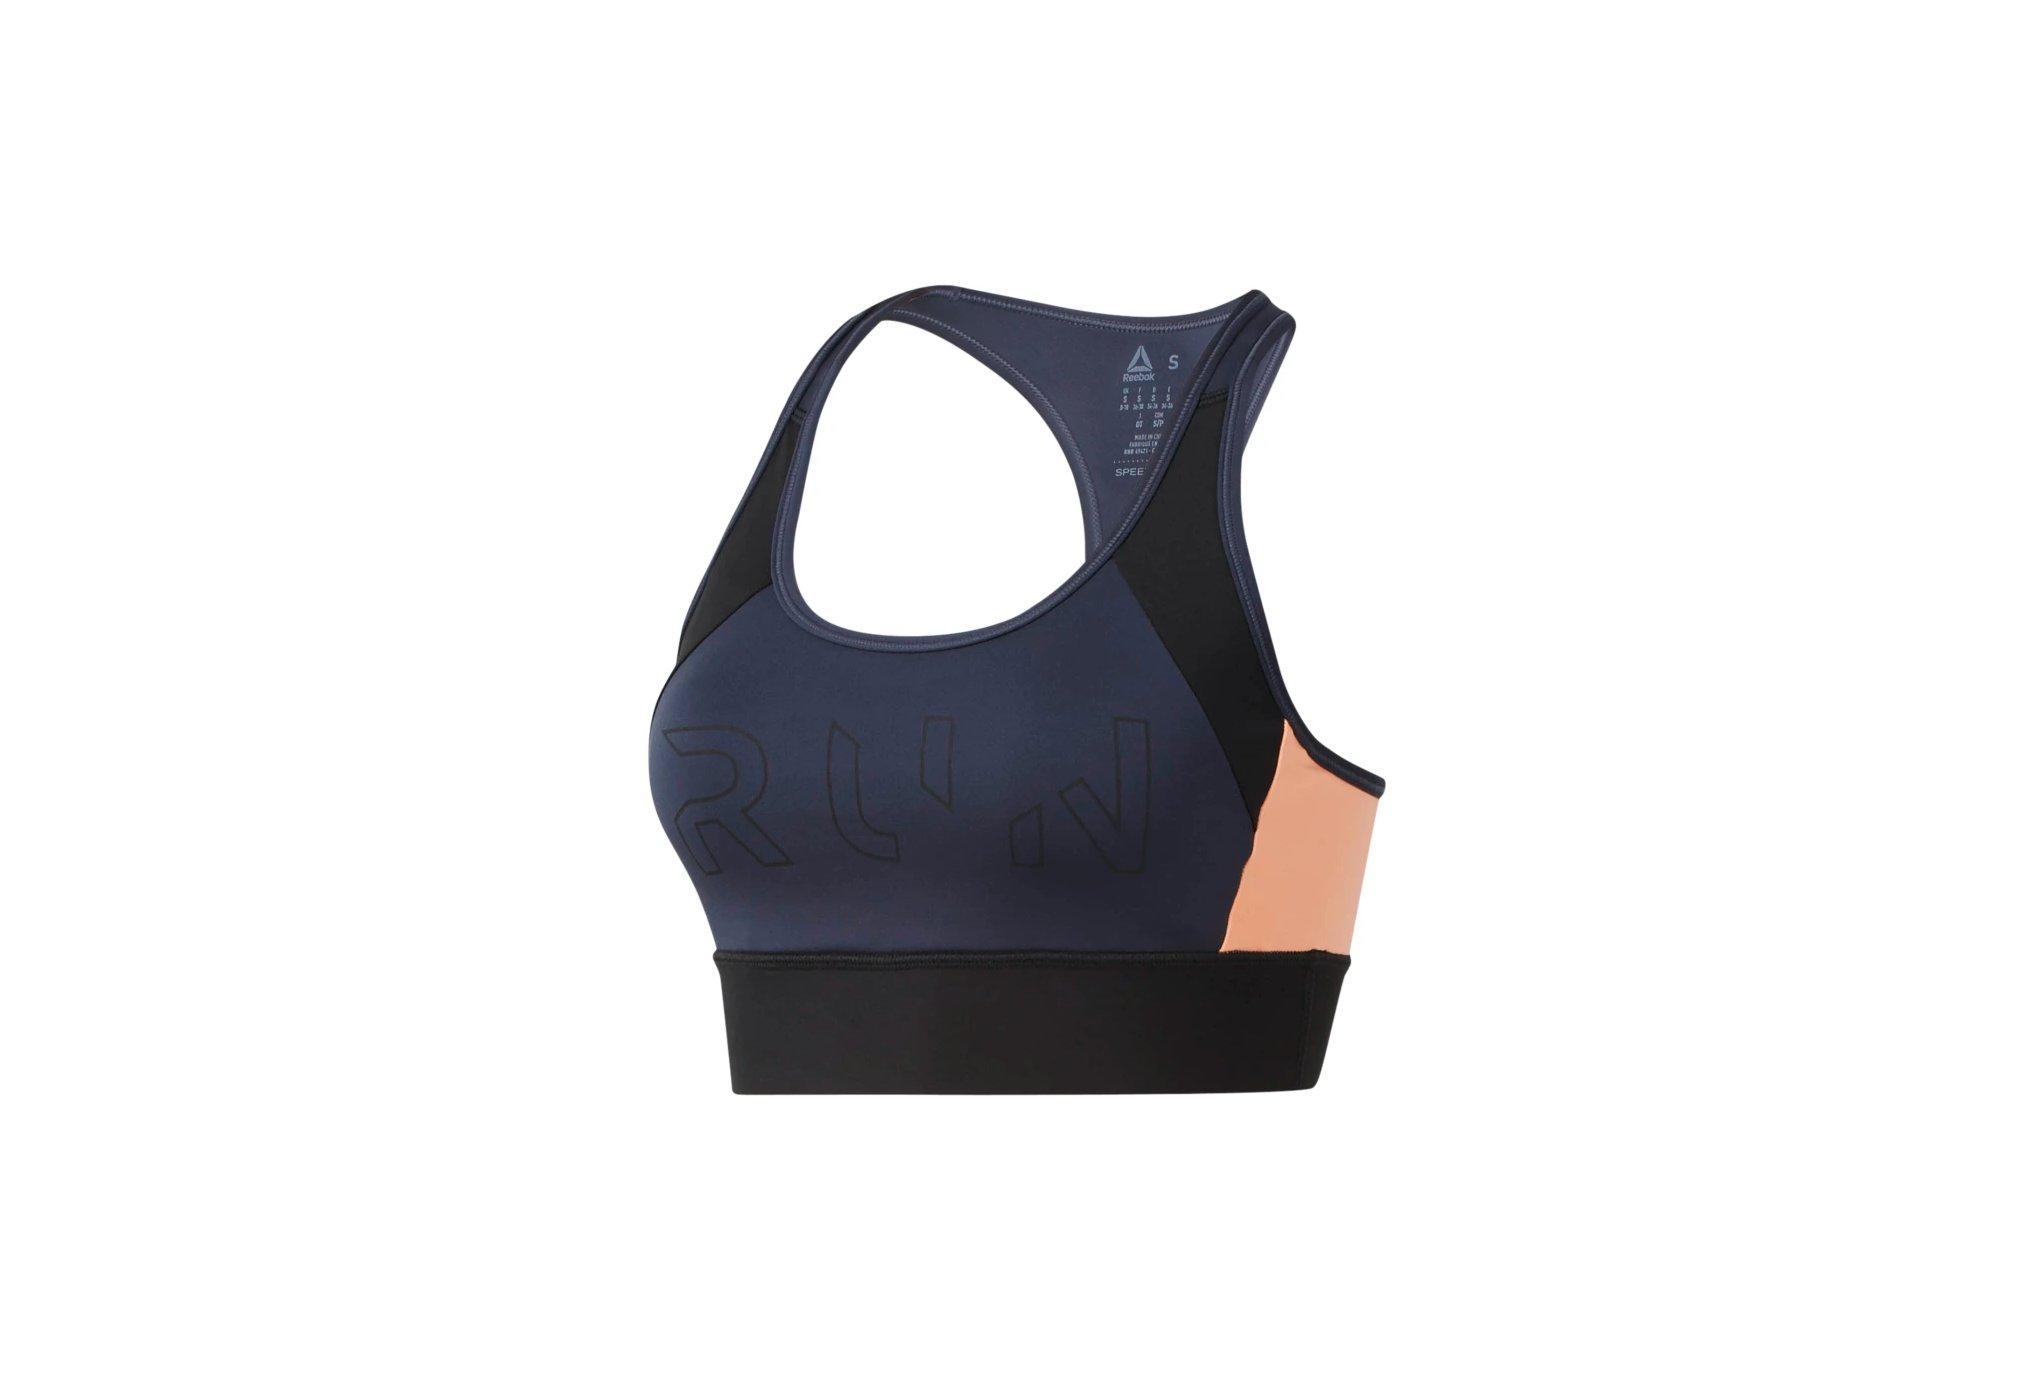 Reebok One Series High Impact vêtement running femme